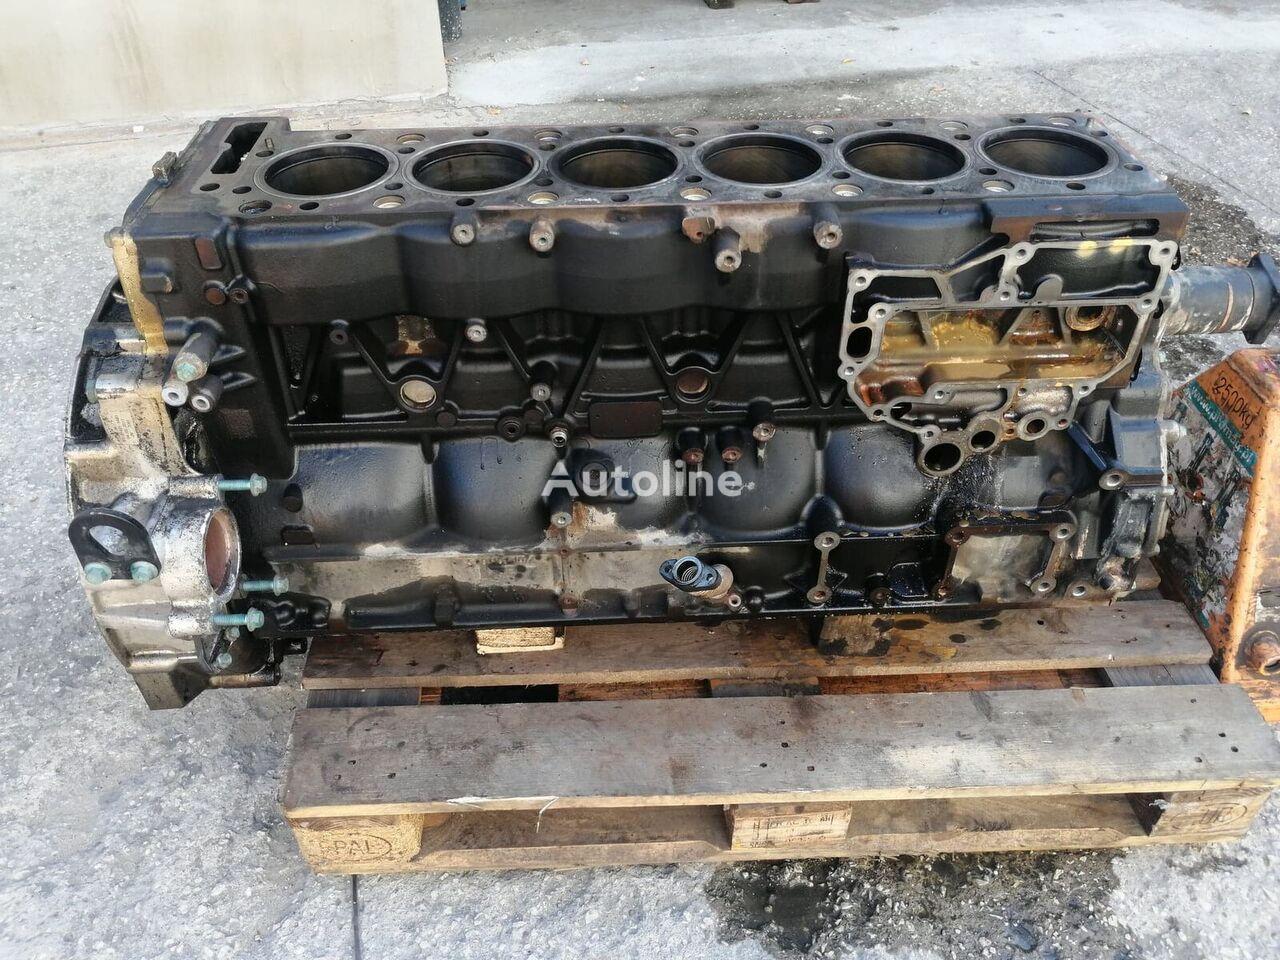 MAN D2676LF52 Euro6 Nowy EURO 6 D2676 LF 52 Euro 6 bloque de motor para MAN TGX camión